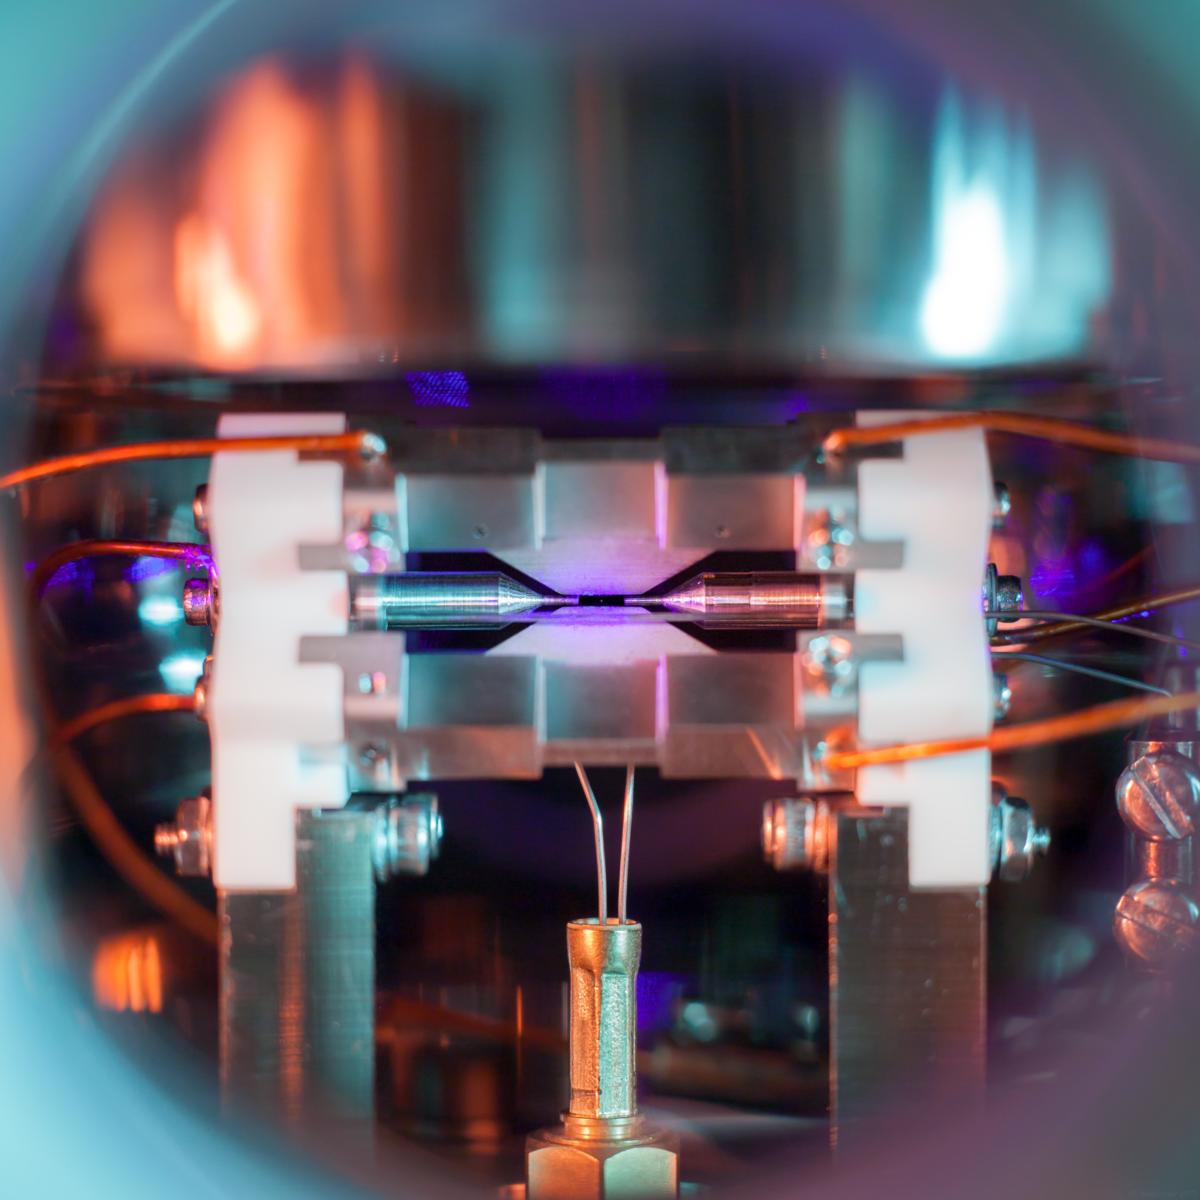 Das von David Nadlinger fotografierte Stronzium-Atom.